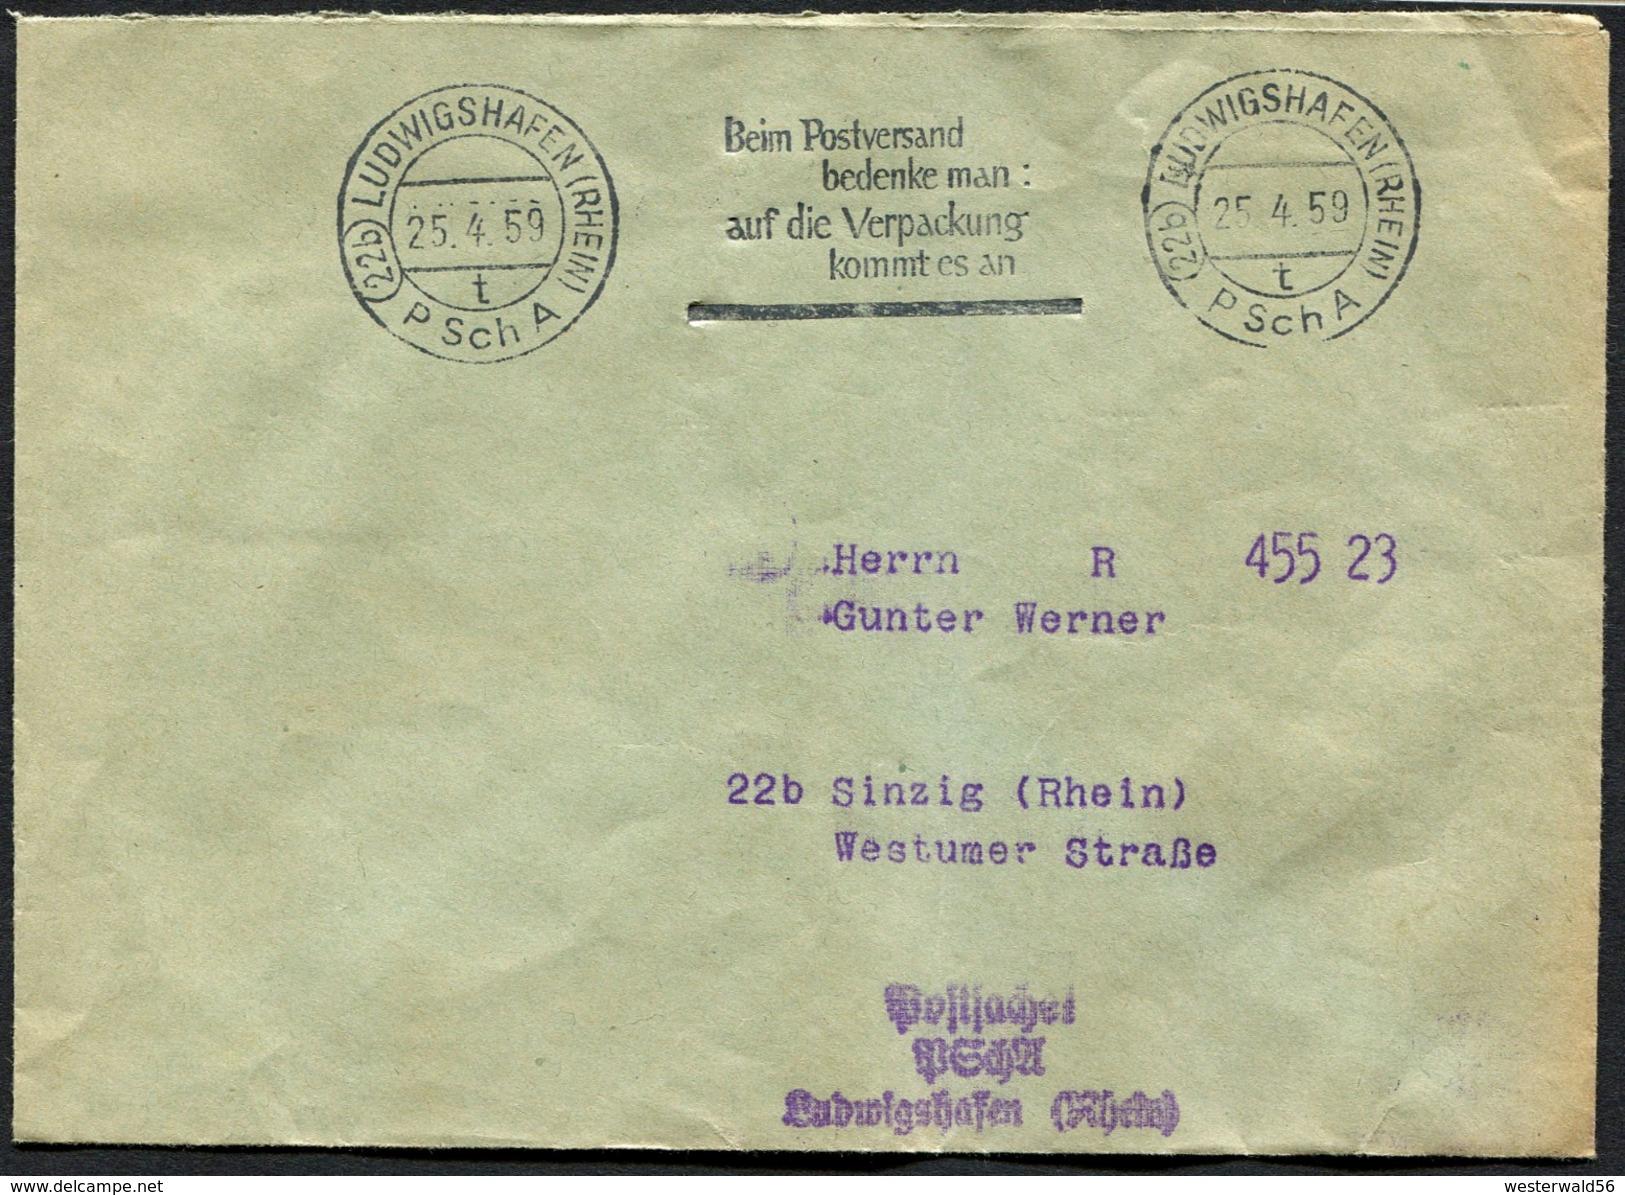 """(1745) Brief Vom Postscheckamt (22b) Ludwigshafen Mit Sauberem Werbestempel Vom 25.4.59 P Sch A, """"Beim Postversand ..."""" - [7] República Federal"""